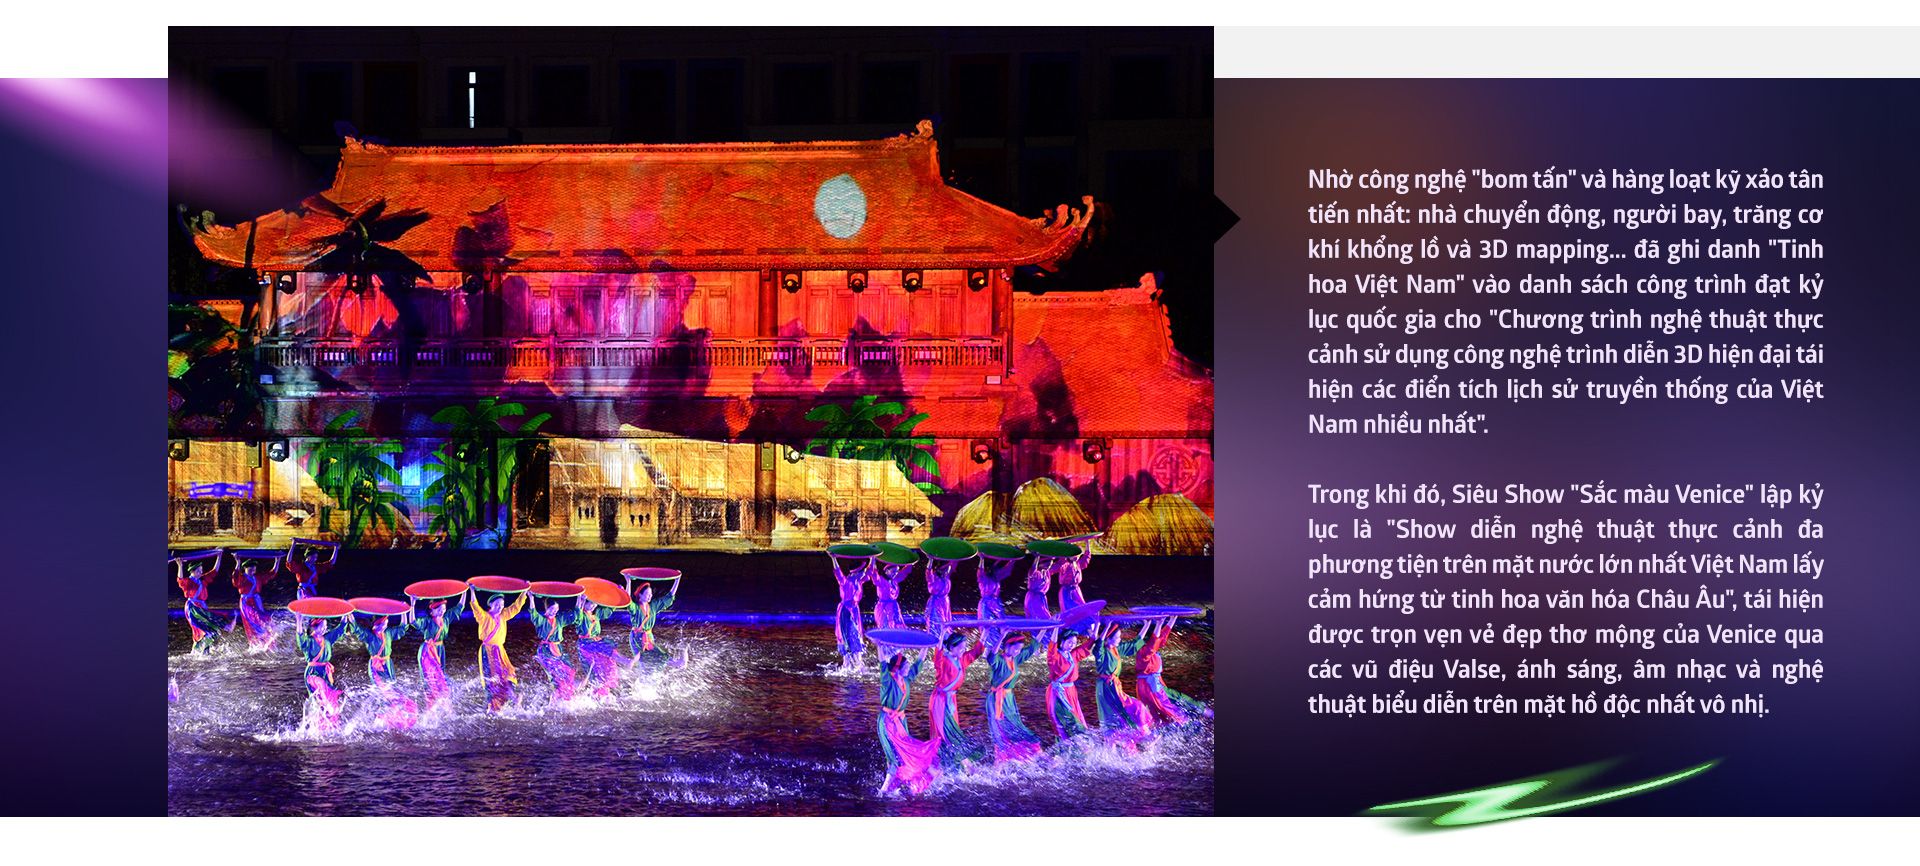 Những show diễn triệu USD mang du khách đến với Phú Quốc - Ảnh 11.